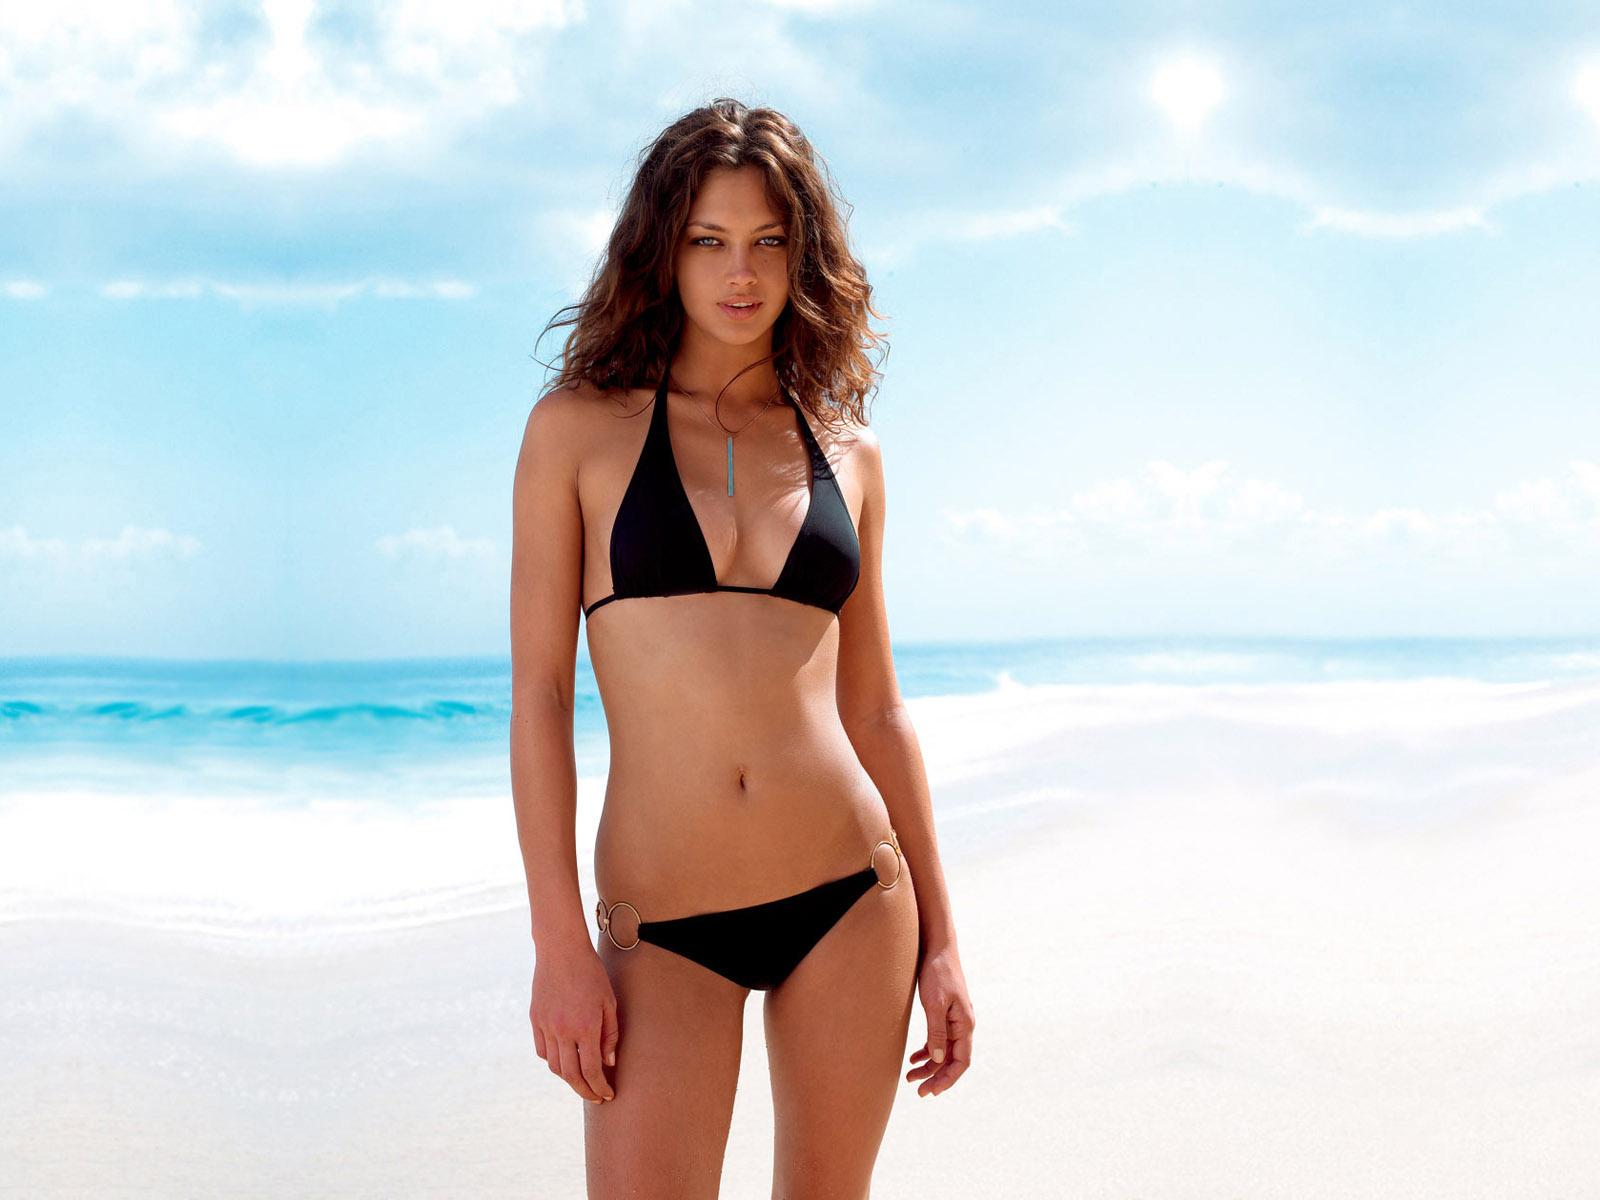 Самые красивые польские девушки-модели 23 фото